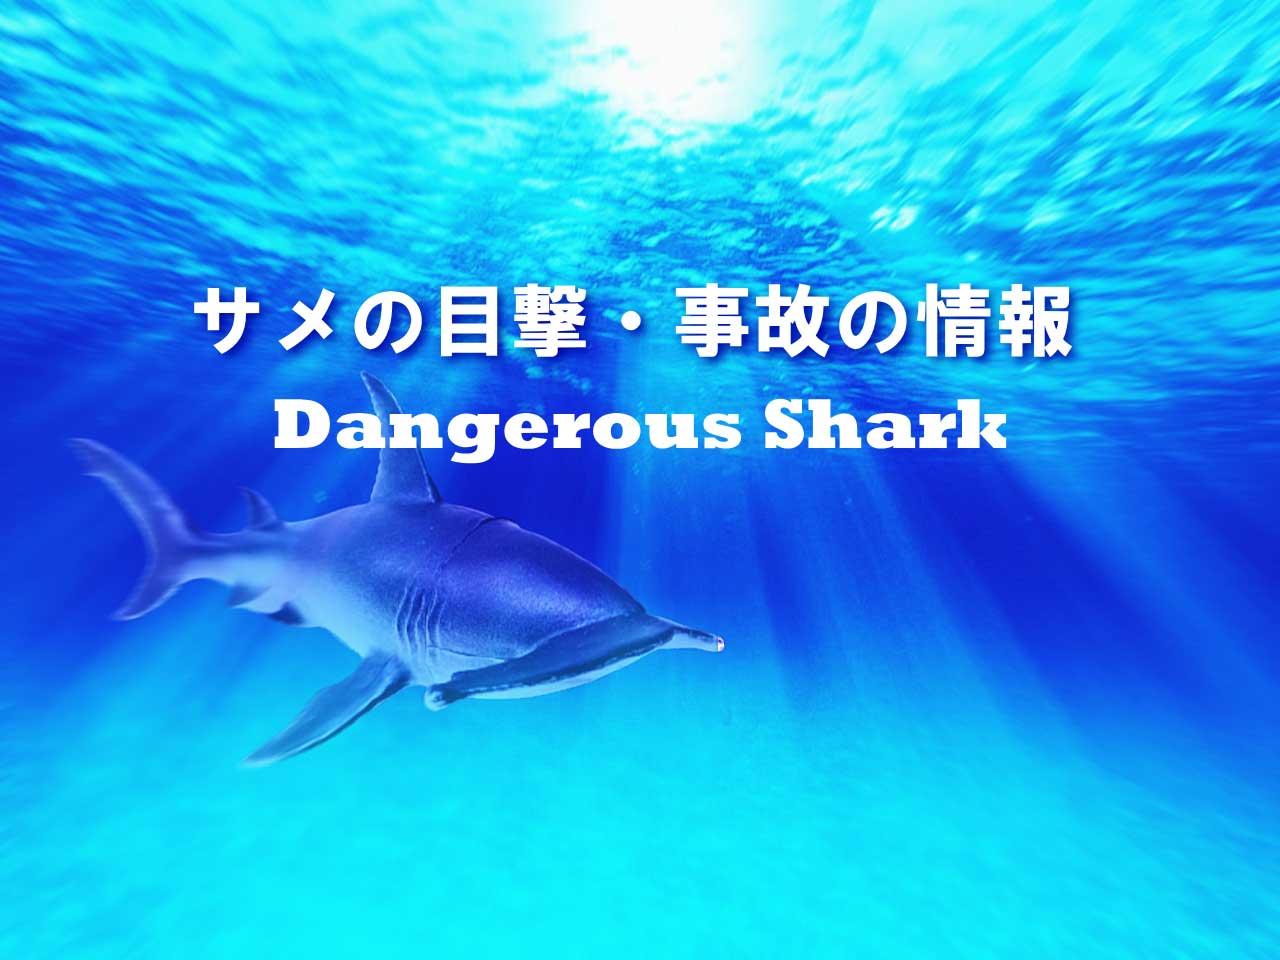 危険なサメの情報